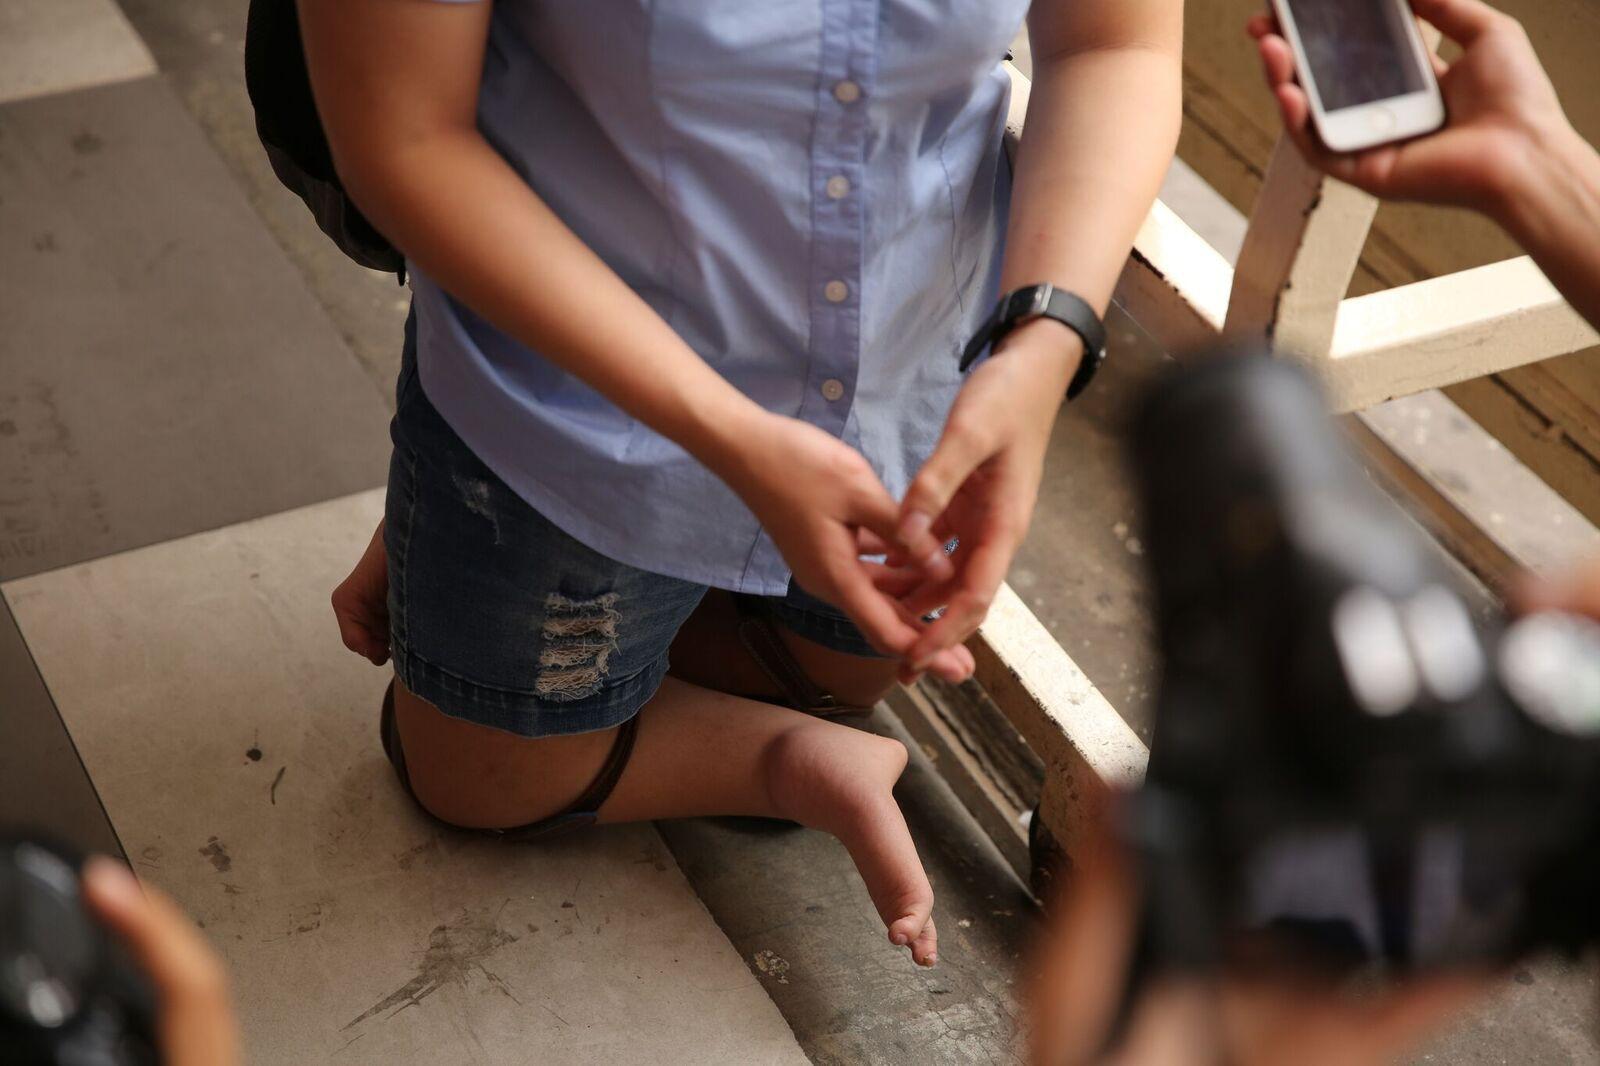 Nụ cười rạng rỡ, lạc quan của thí sinh khuyết tật với ước mơ trở thành giáo viên cho người khiếm thính - Ảnh 4.